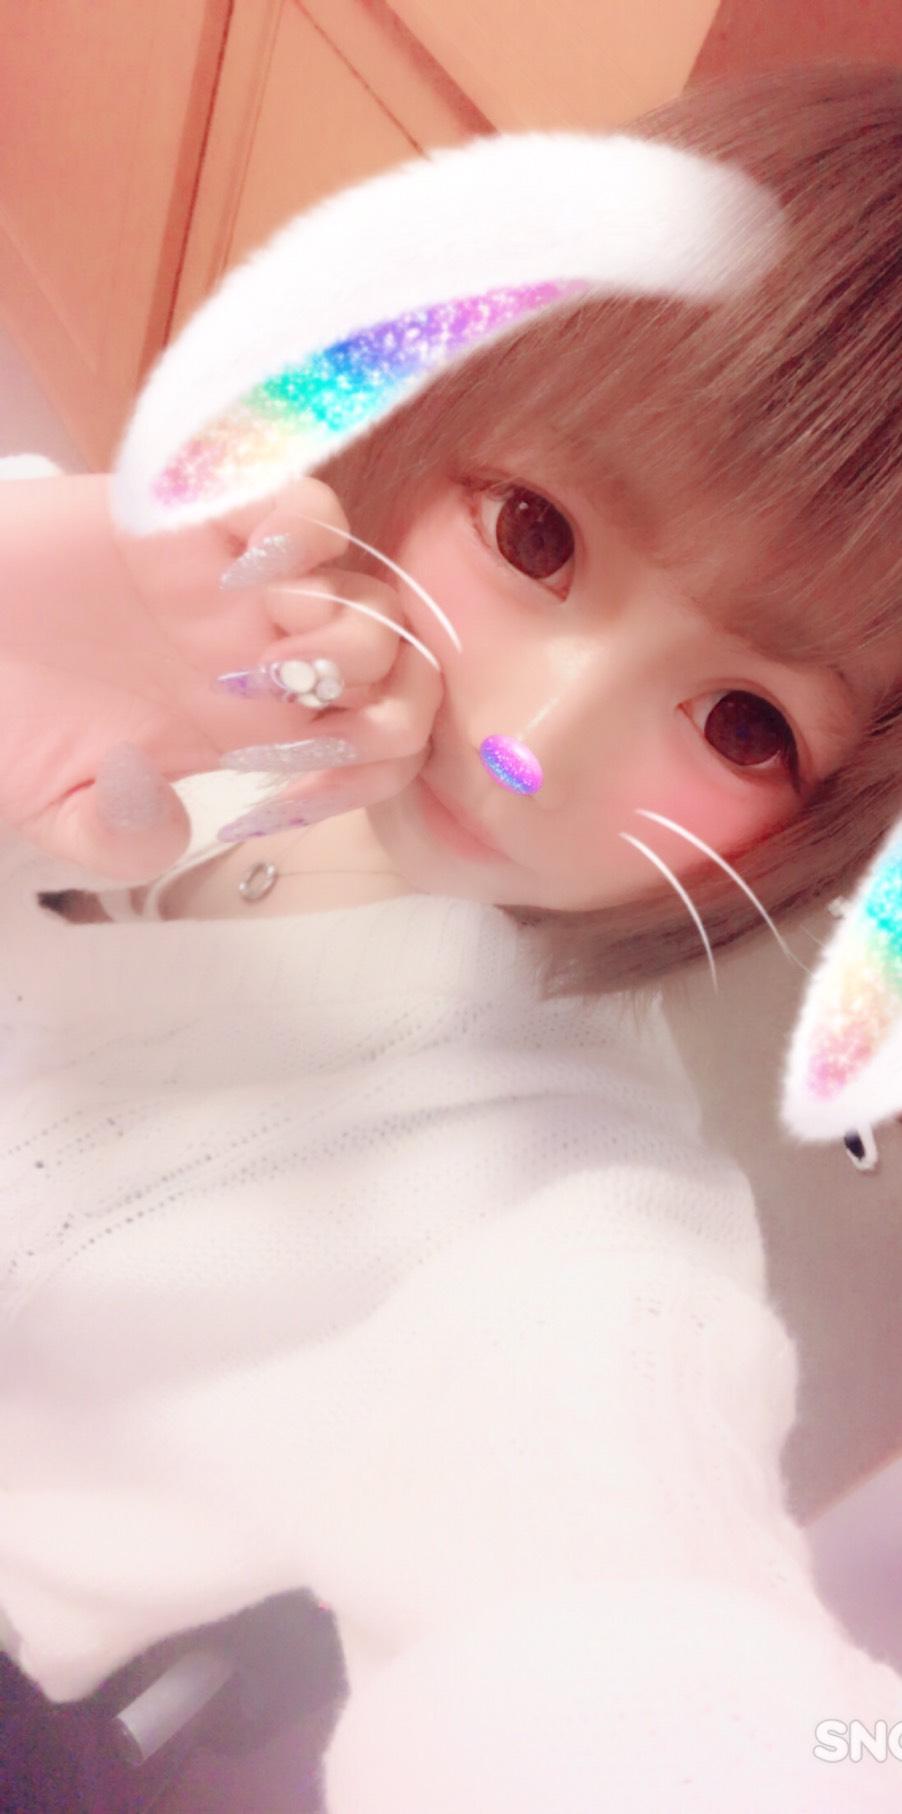 「うさぎ♪」04/26(04/26) 23:17 | きららの写メ・風俗動画